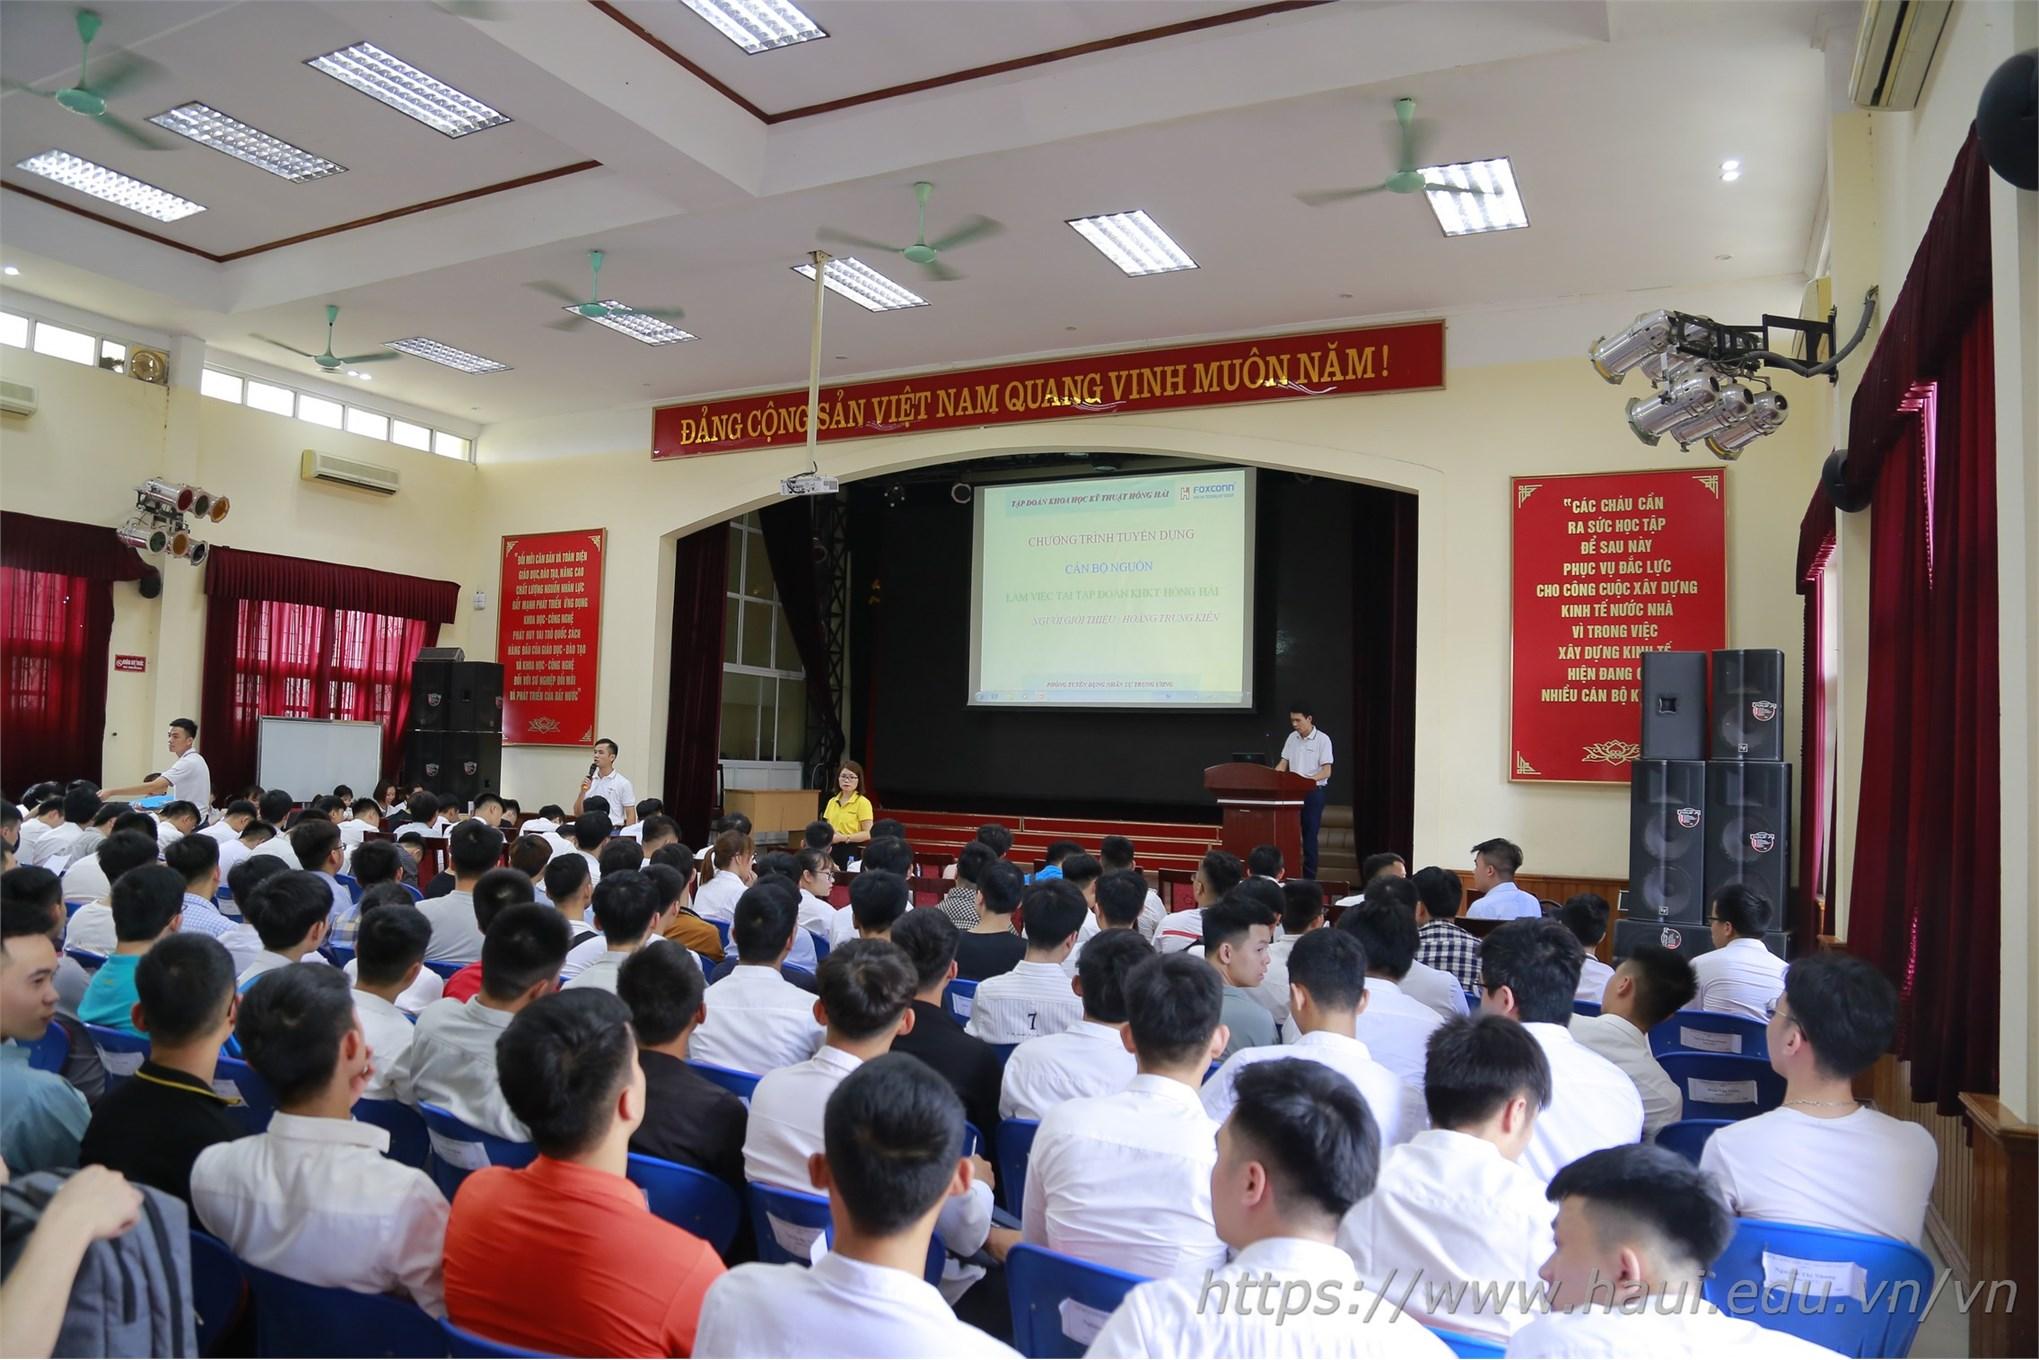 Hàng trăm sinh viên đã tốt nghiệp và sinh viên năm cuối Đại học Công nghiệp Hà Nội đã có mặt từ rất sớm tham dự Hội thảo tuyển dụng của Tập đoàn KHKT Hồng Hải